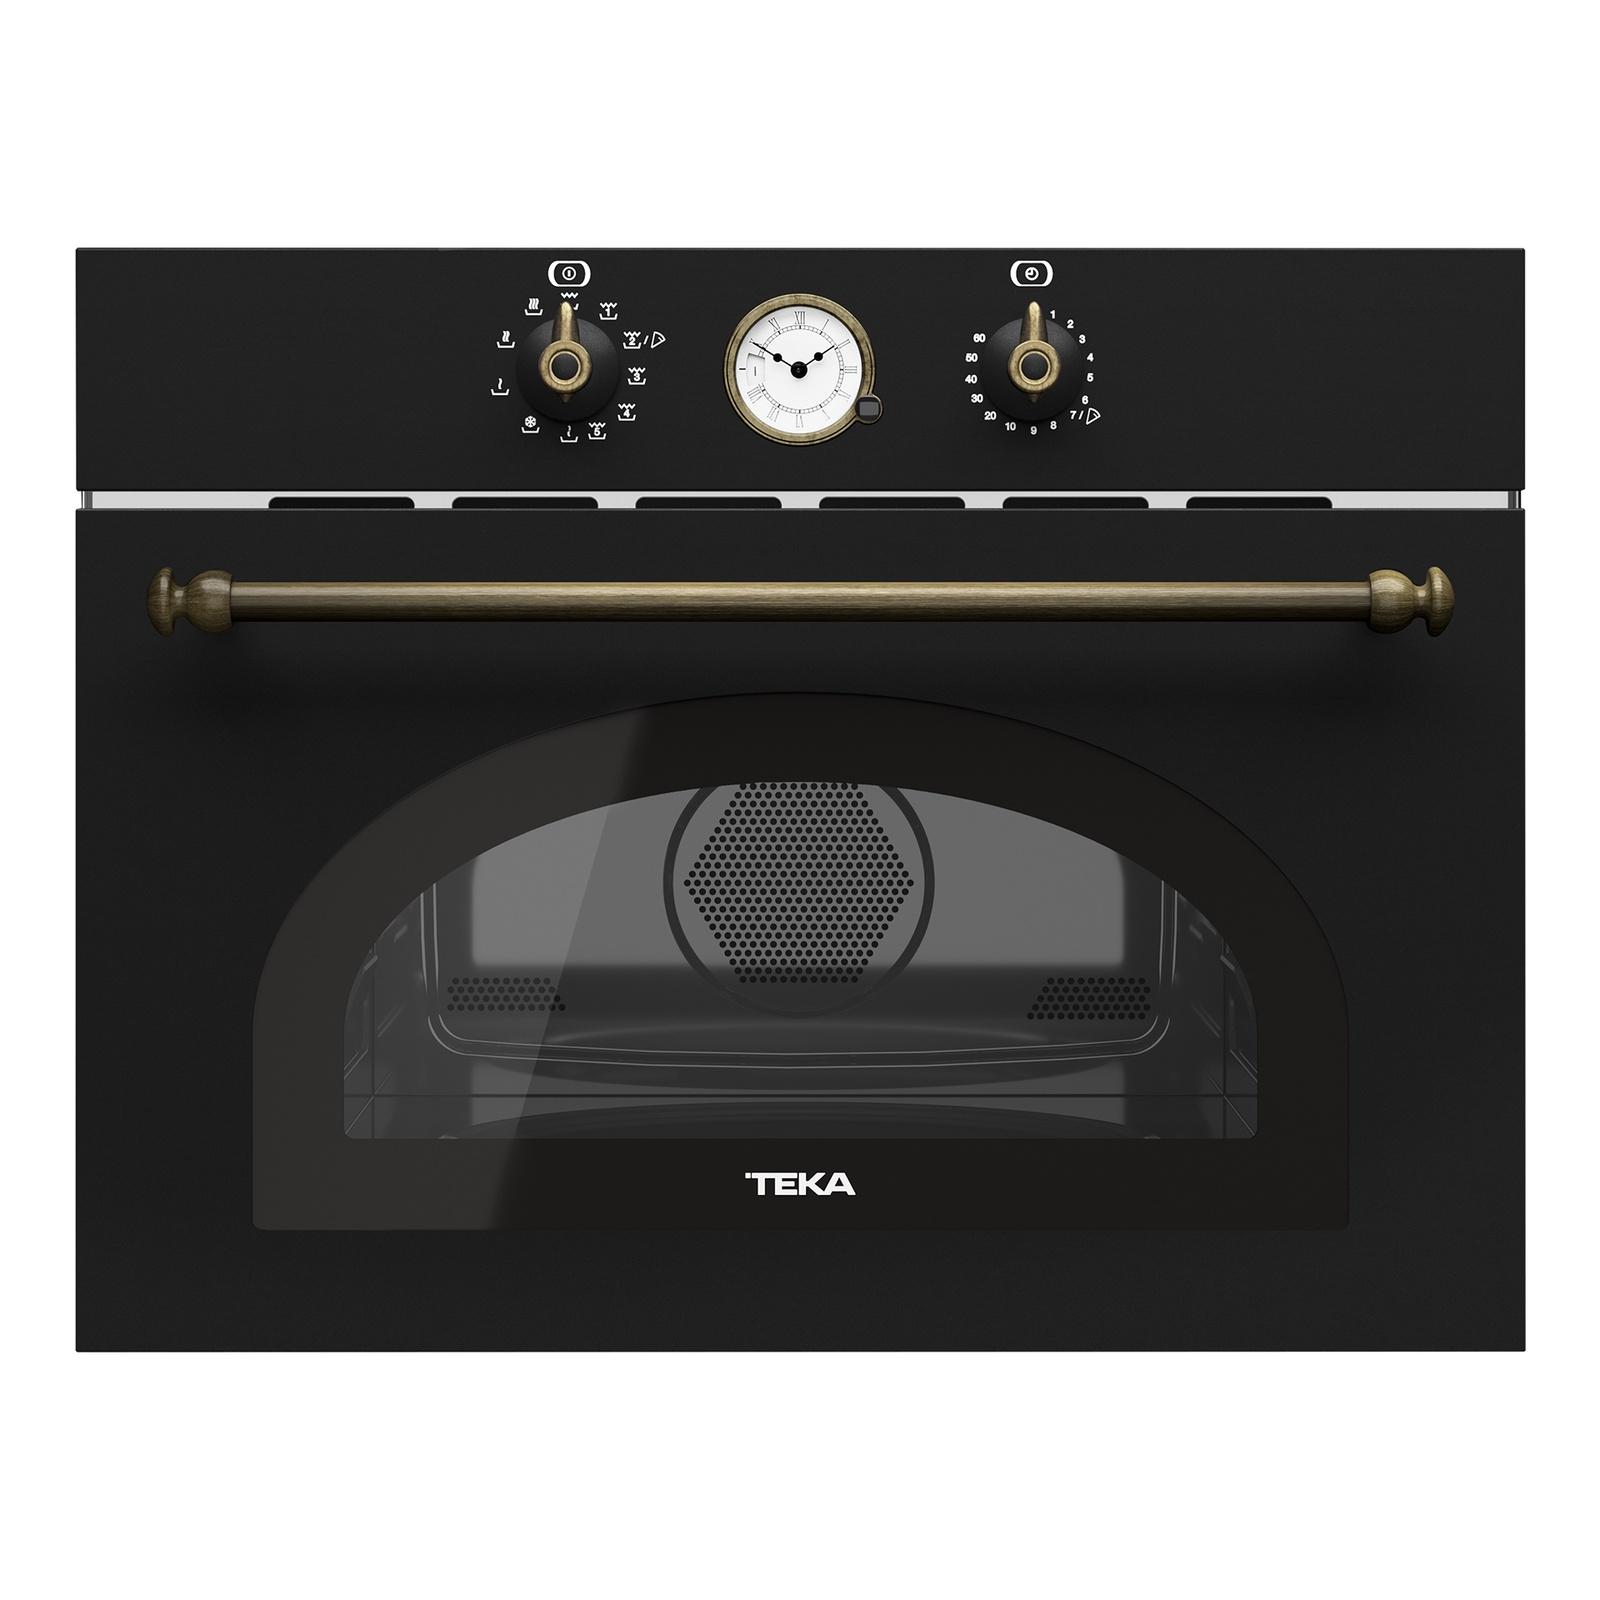 Микроволновая печь TEKA MWR 32 BIA AB антрацит с аналоговыми часами